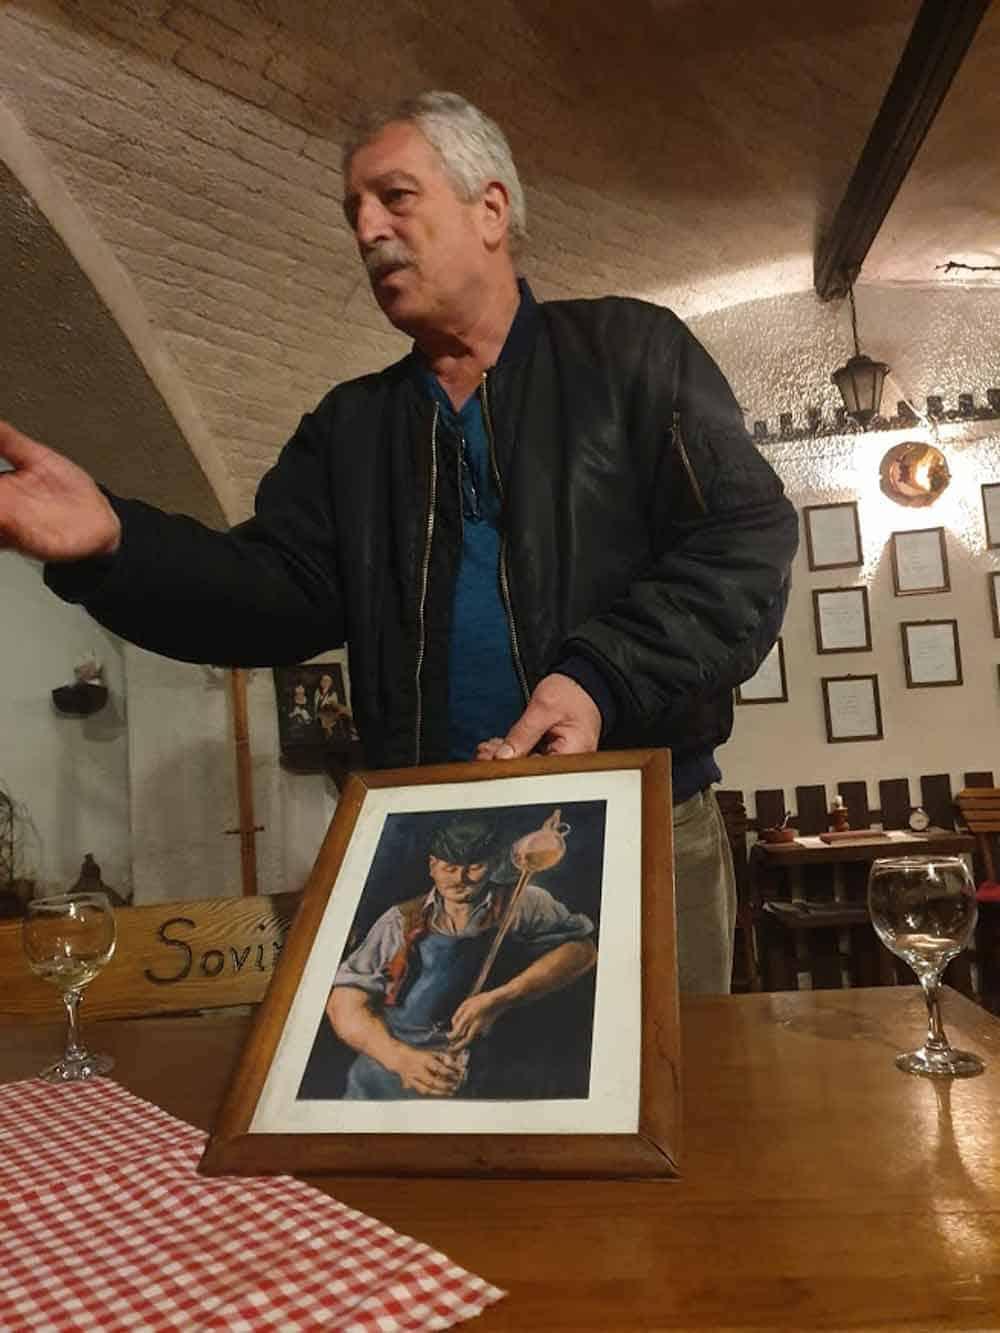 VEKOVNA TRADICIJA VINARSTVA: Nikola Cuculj u svom podrumu pokazuje kako su nekad morali da izgledaju radnici u vinarijama